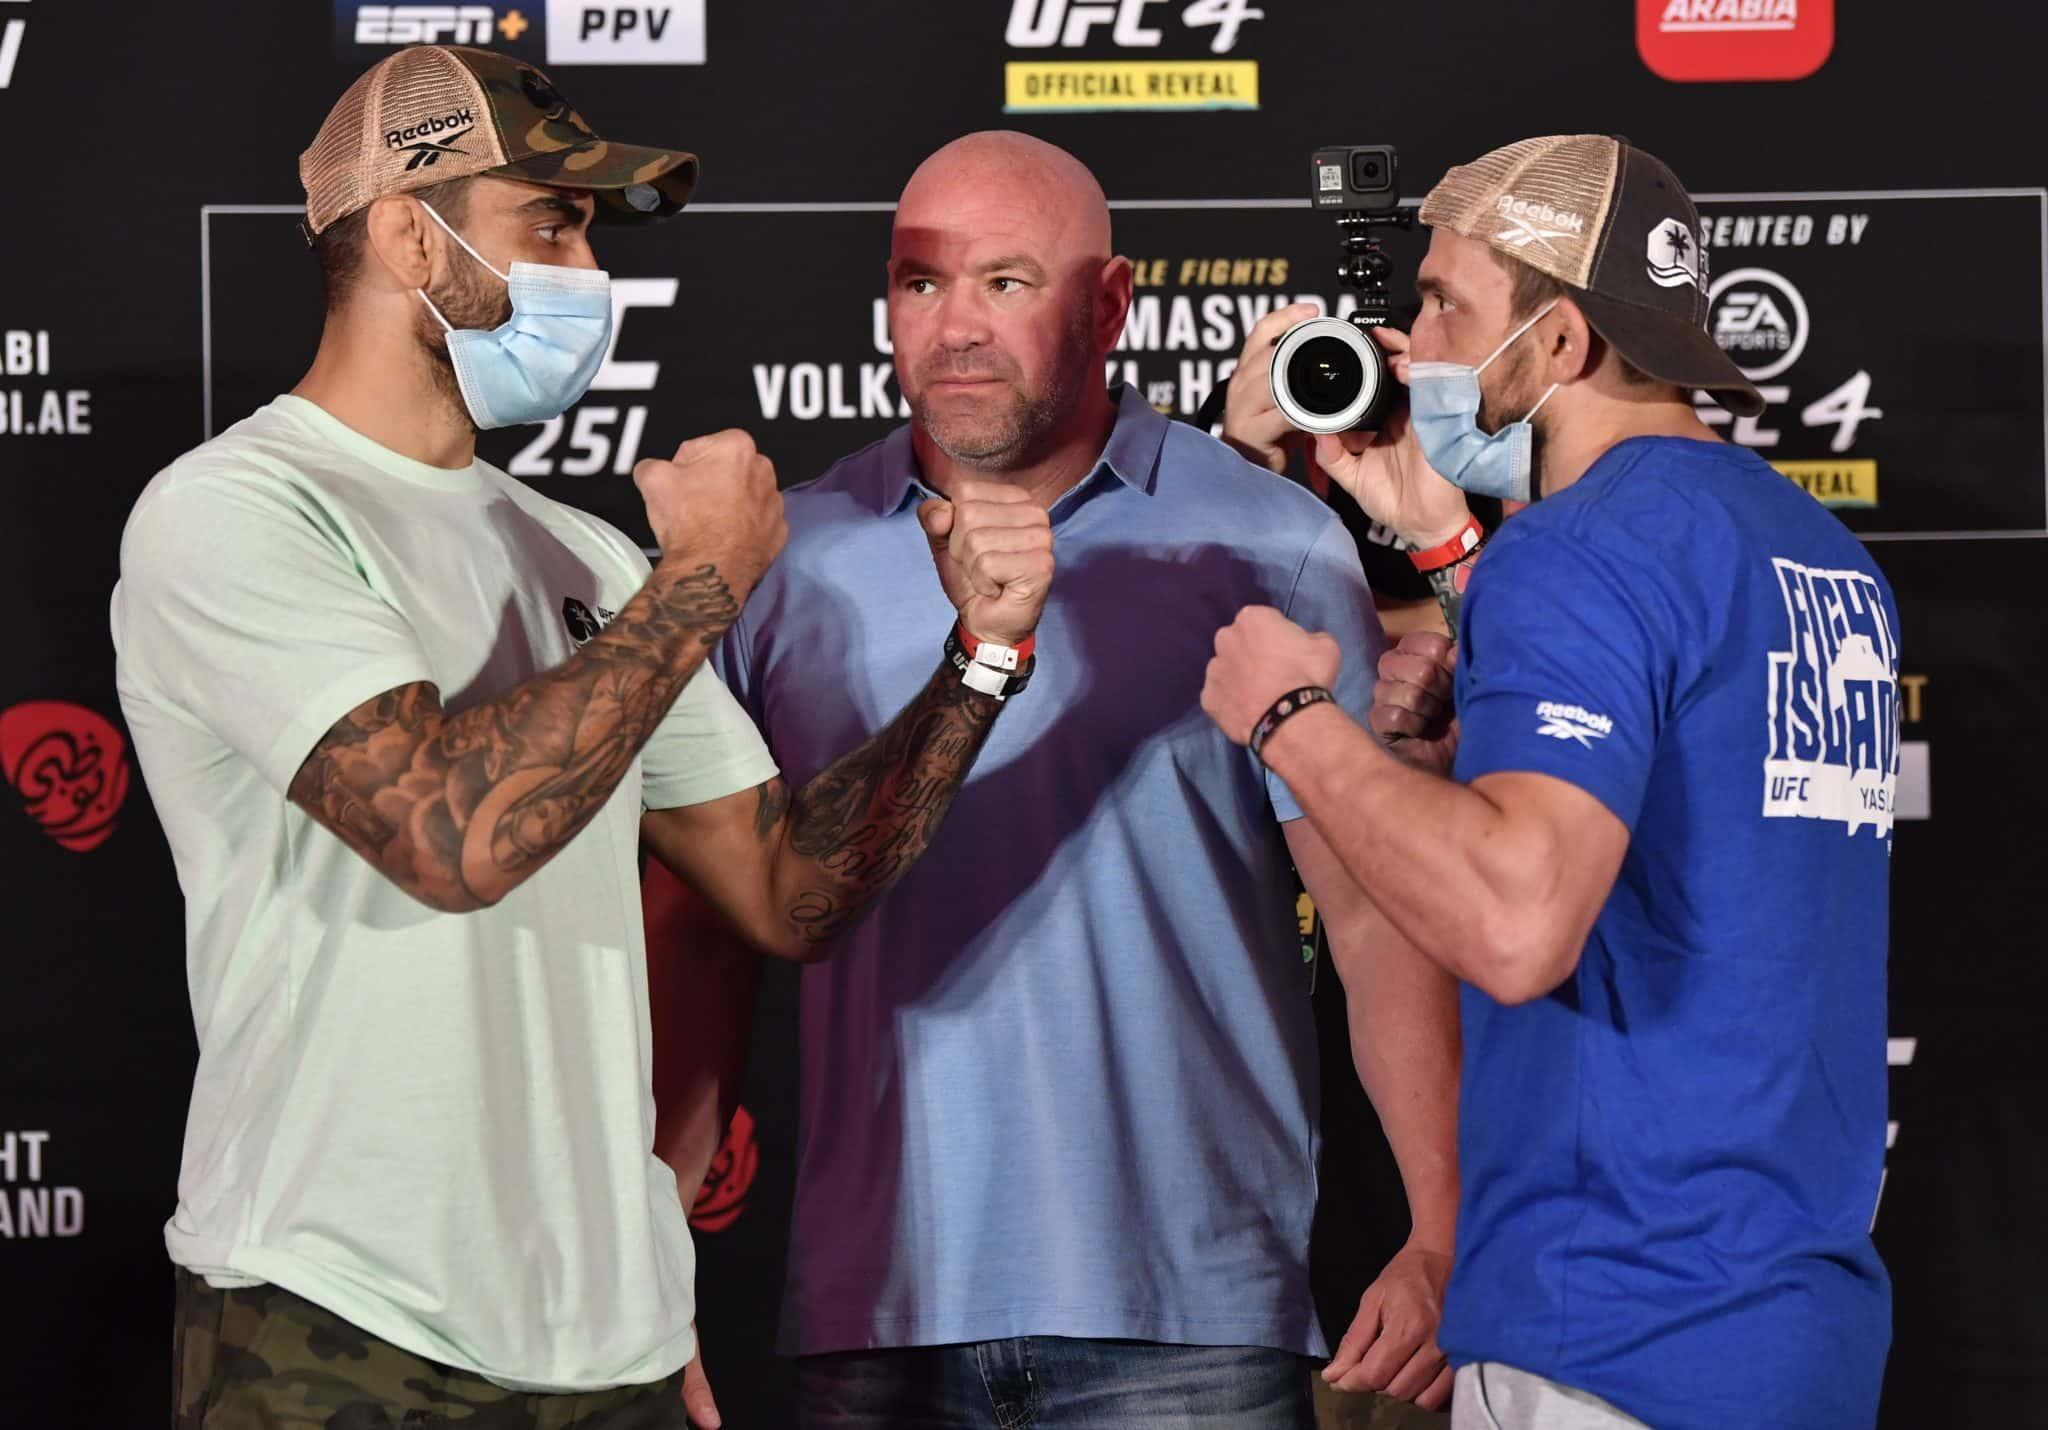 PointsBet UFC 251